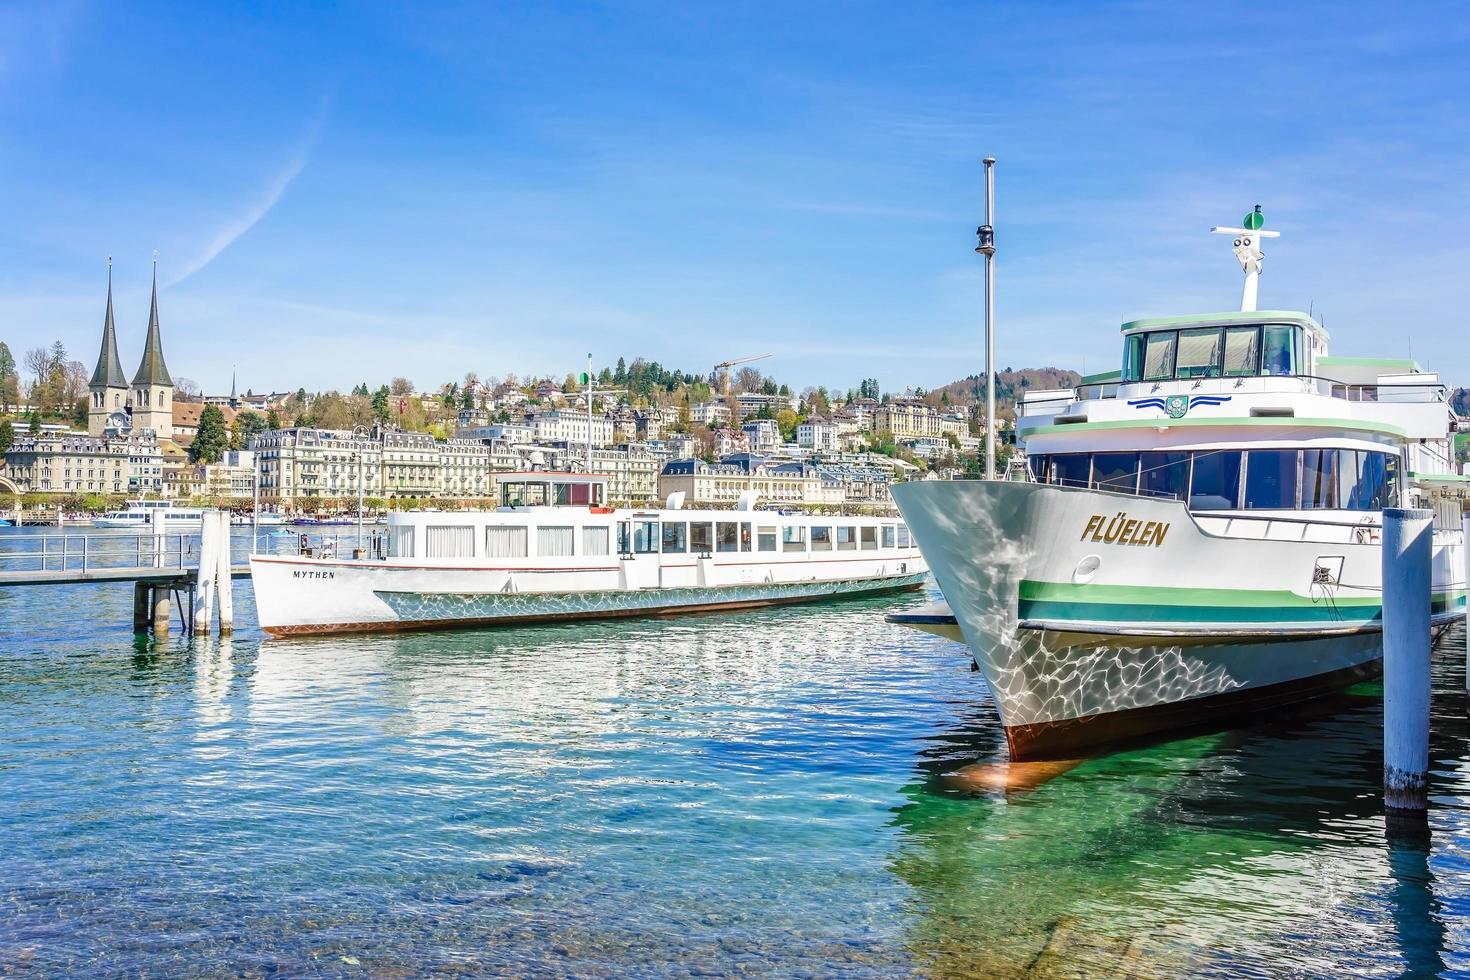 Schiffe in Luzern, Schweiz, 2018 foto